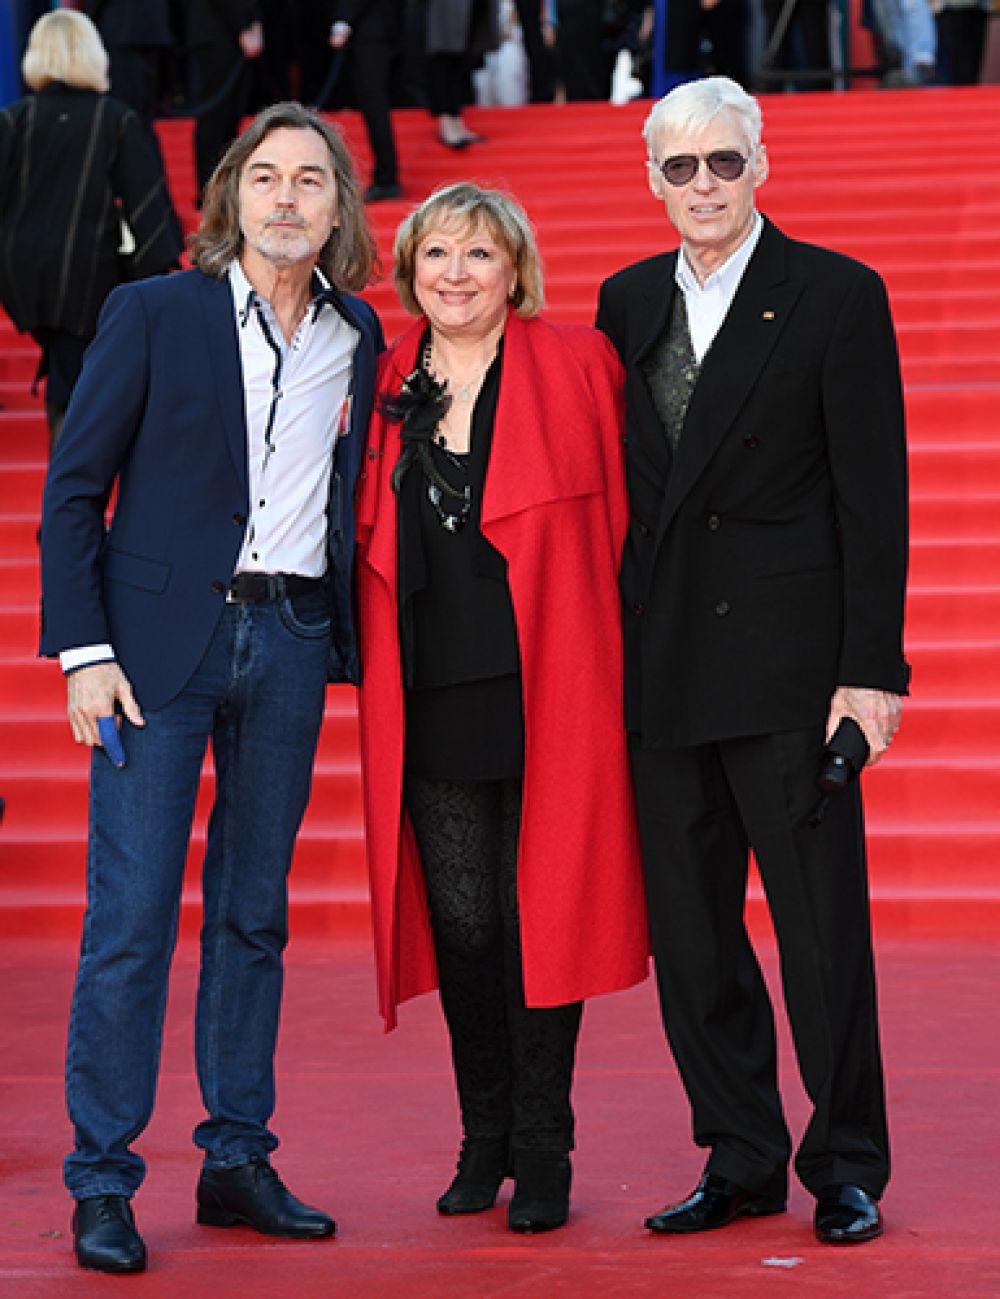 Художник Никас Сафронов (слева) и актер Борис Щербаков с супругой Татьяной.